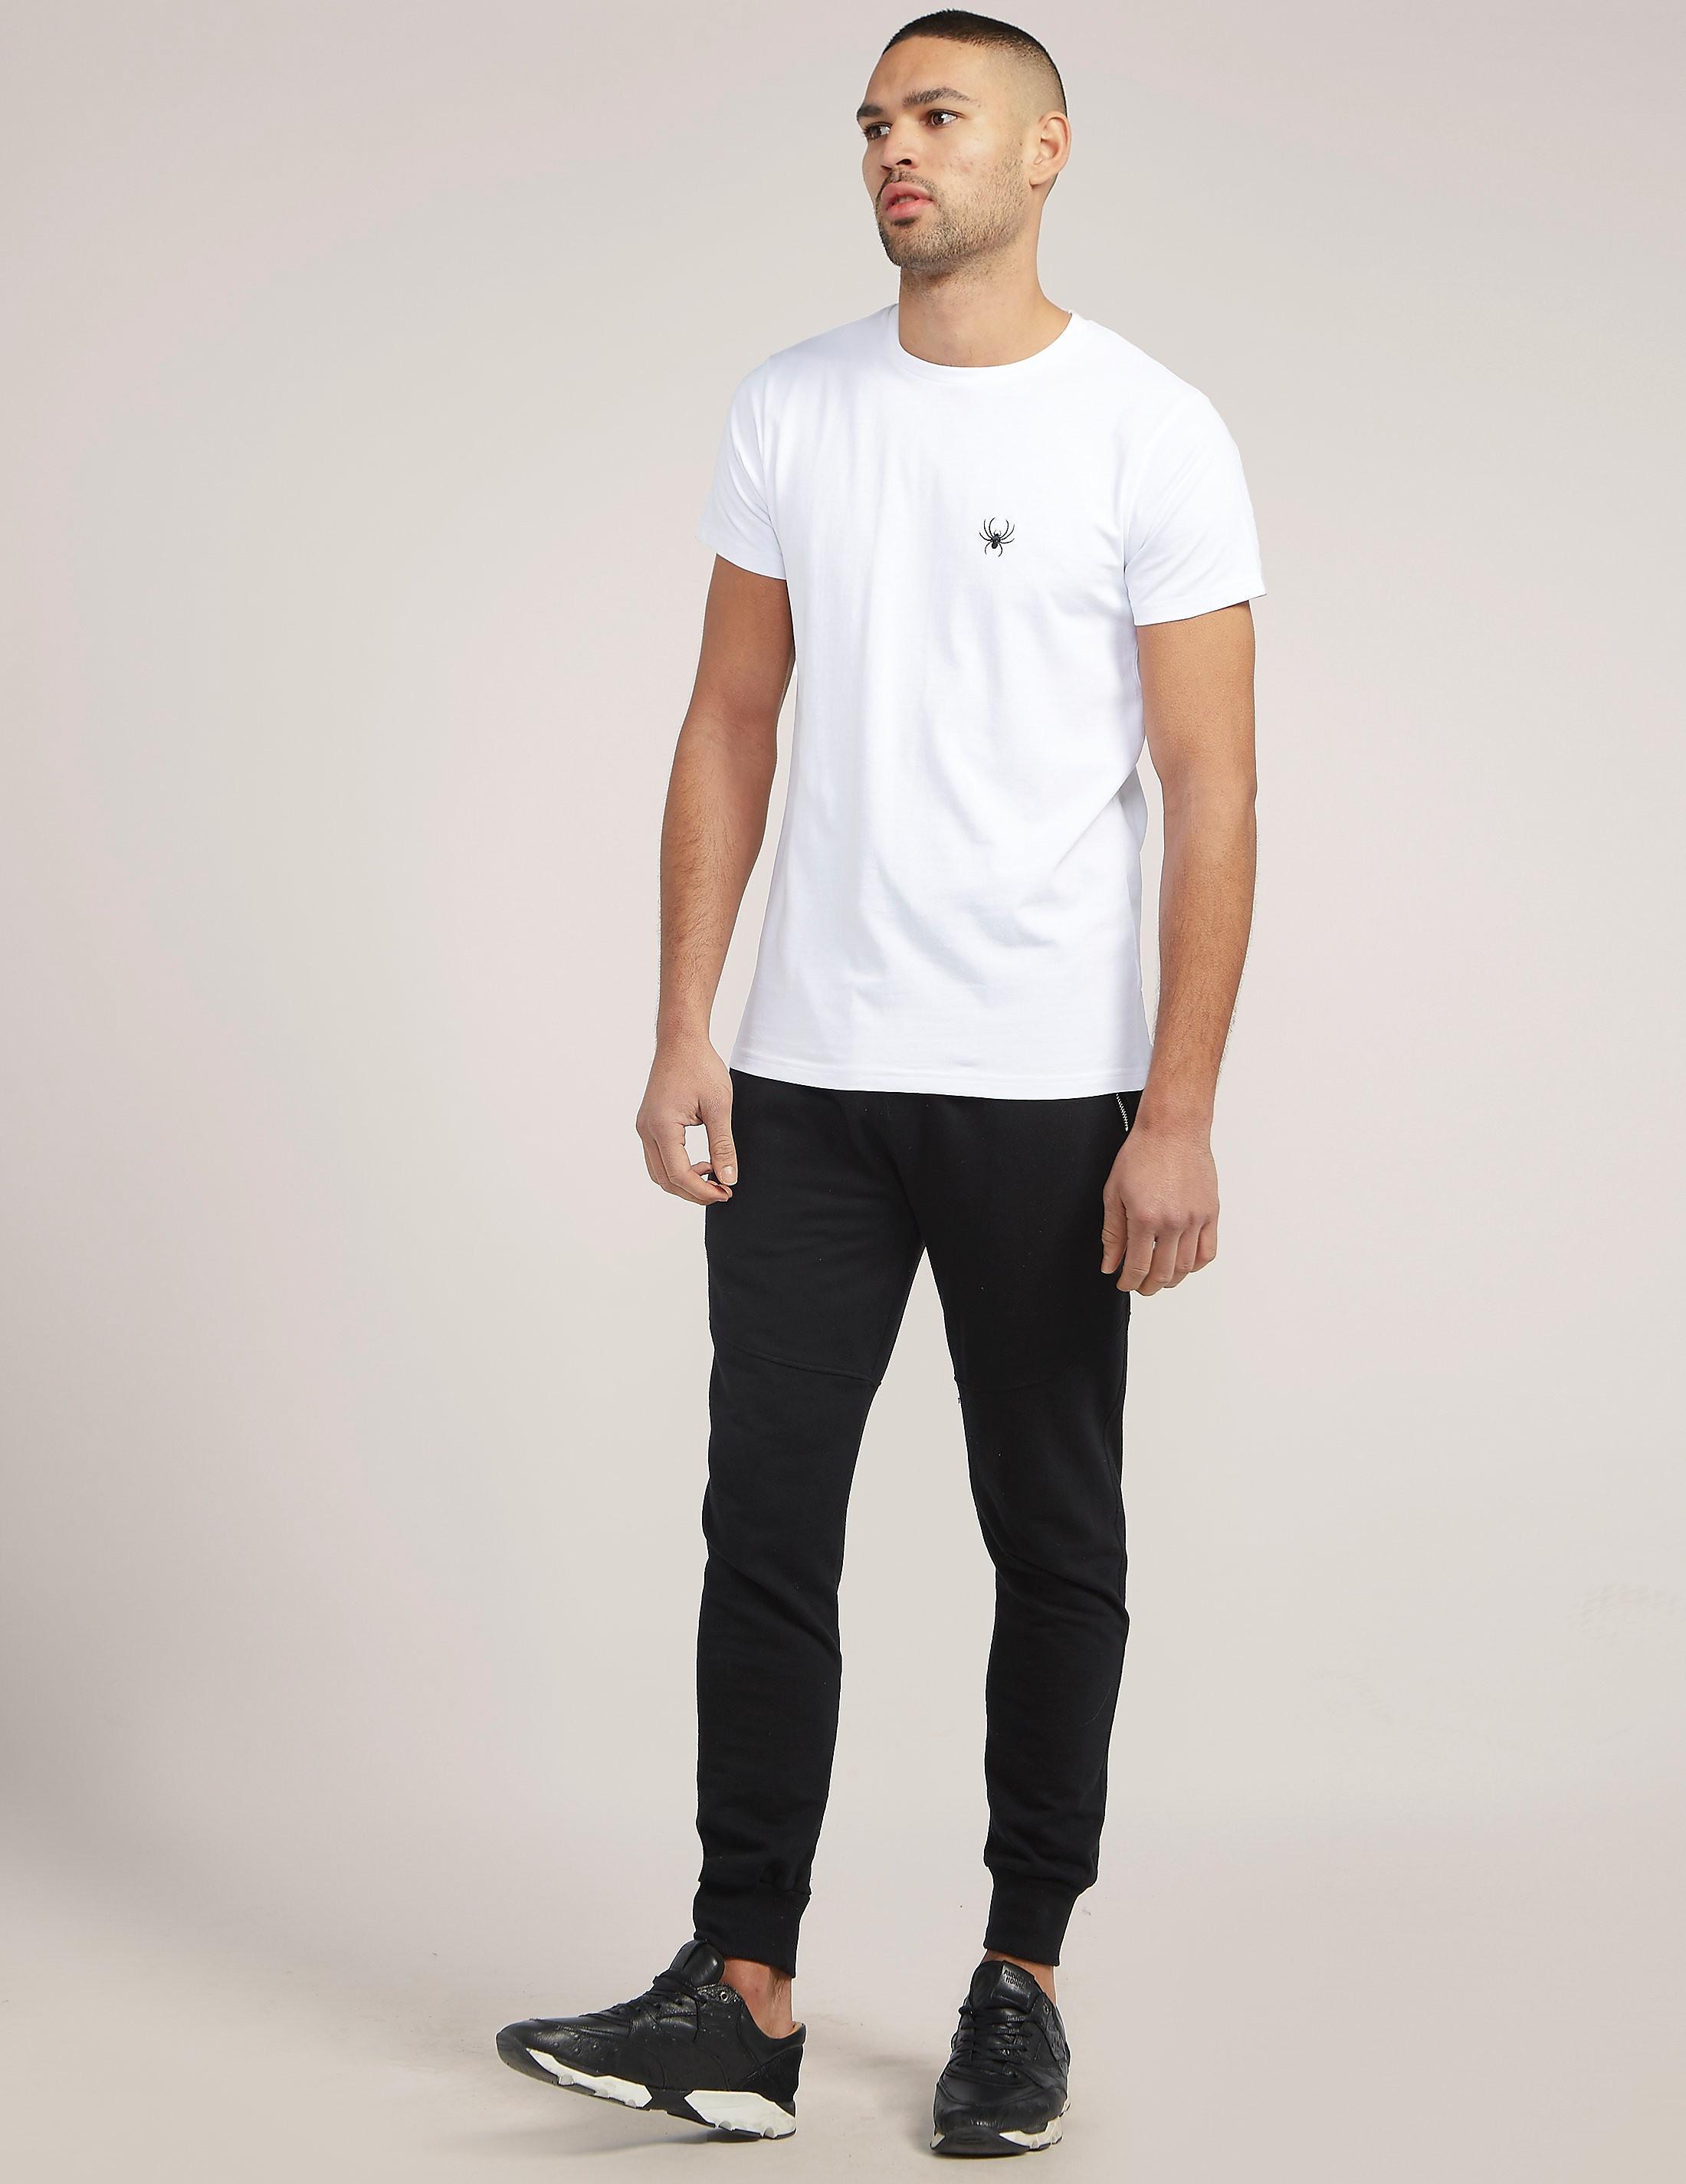 Intense Clothing Rebal T-Shirt